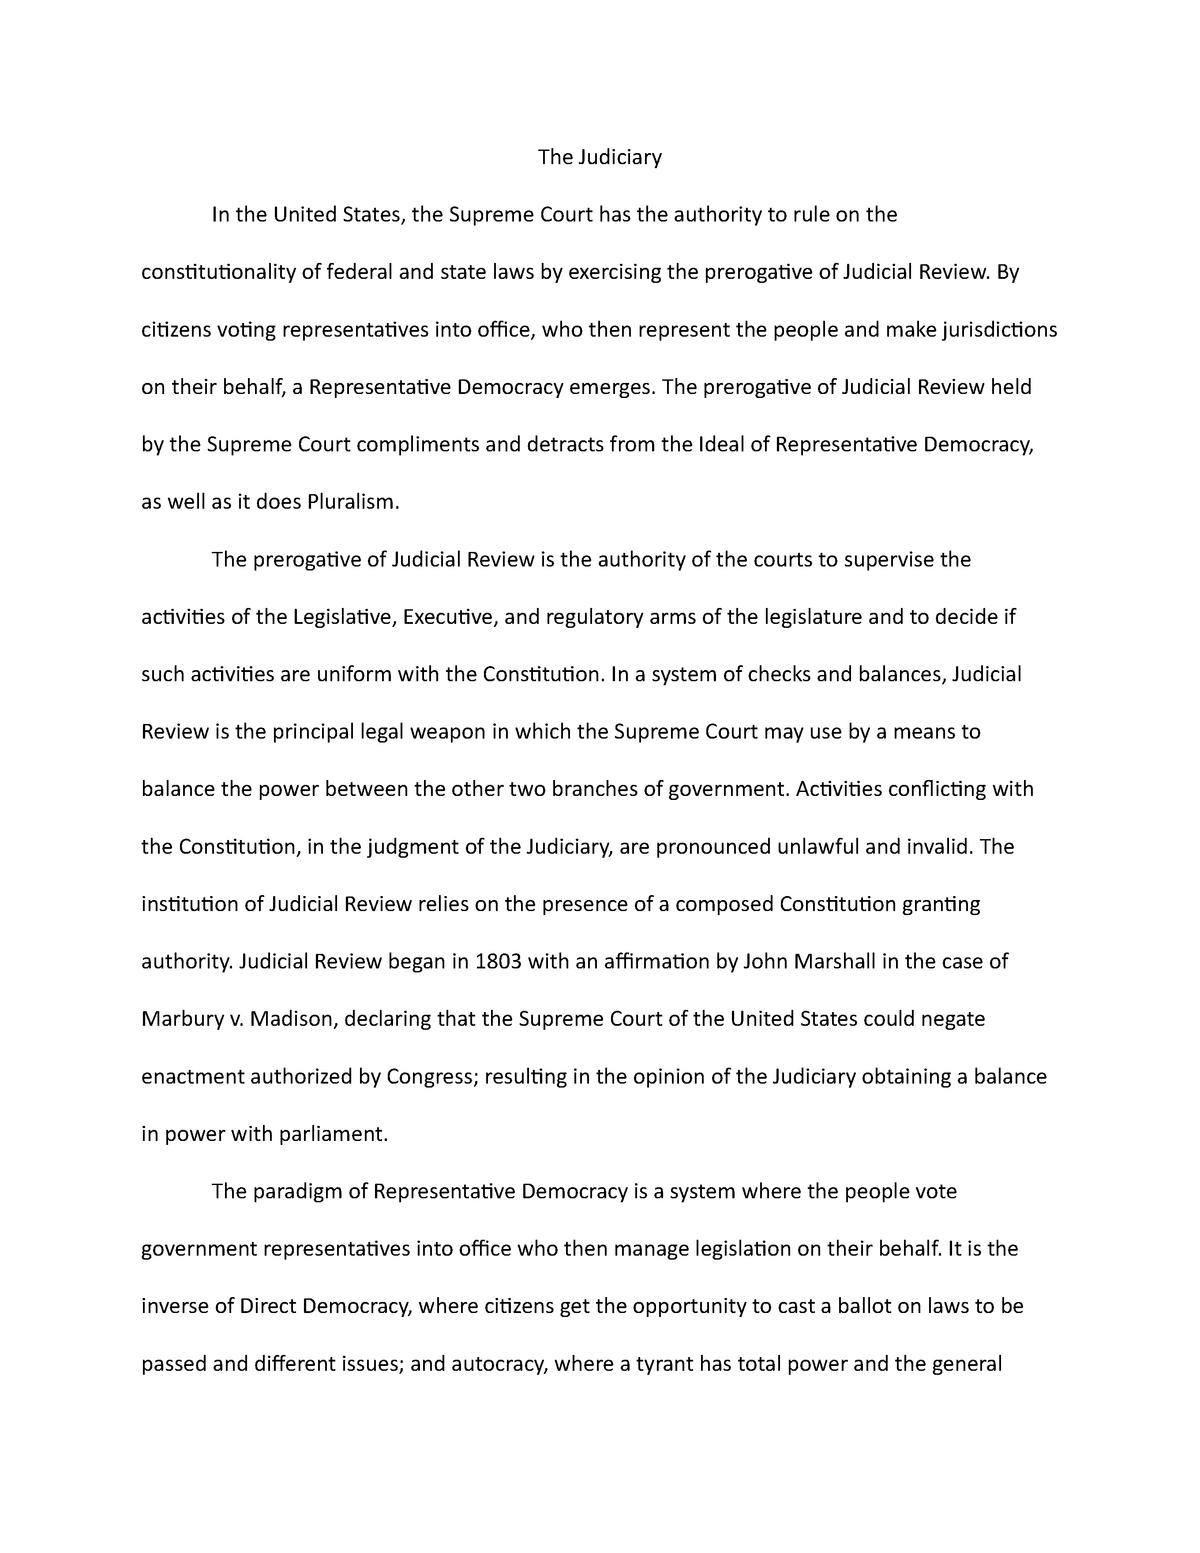 Blackjack essay